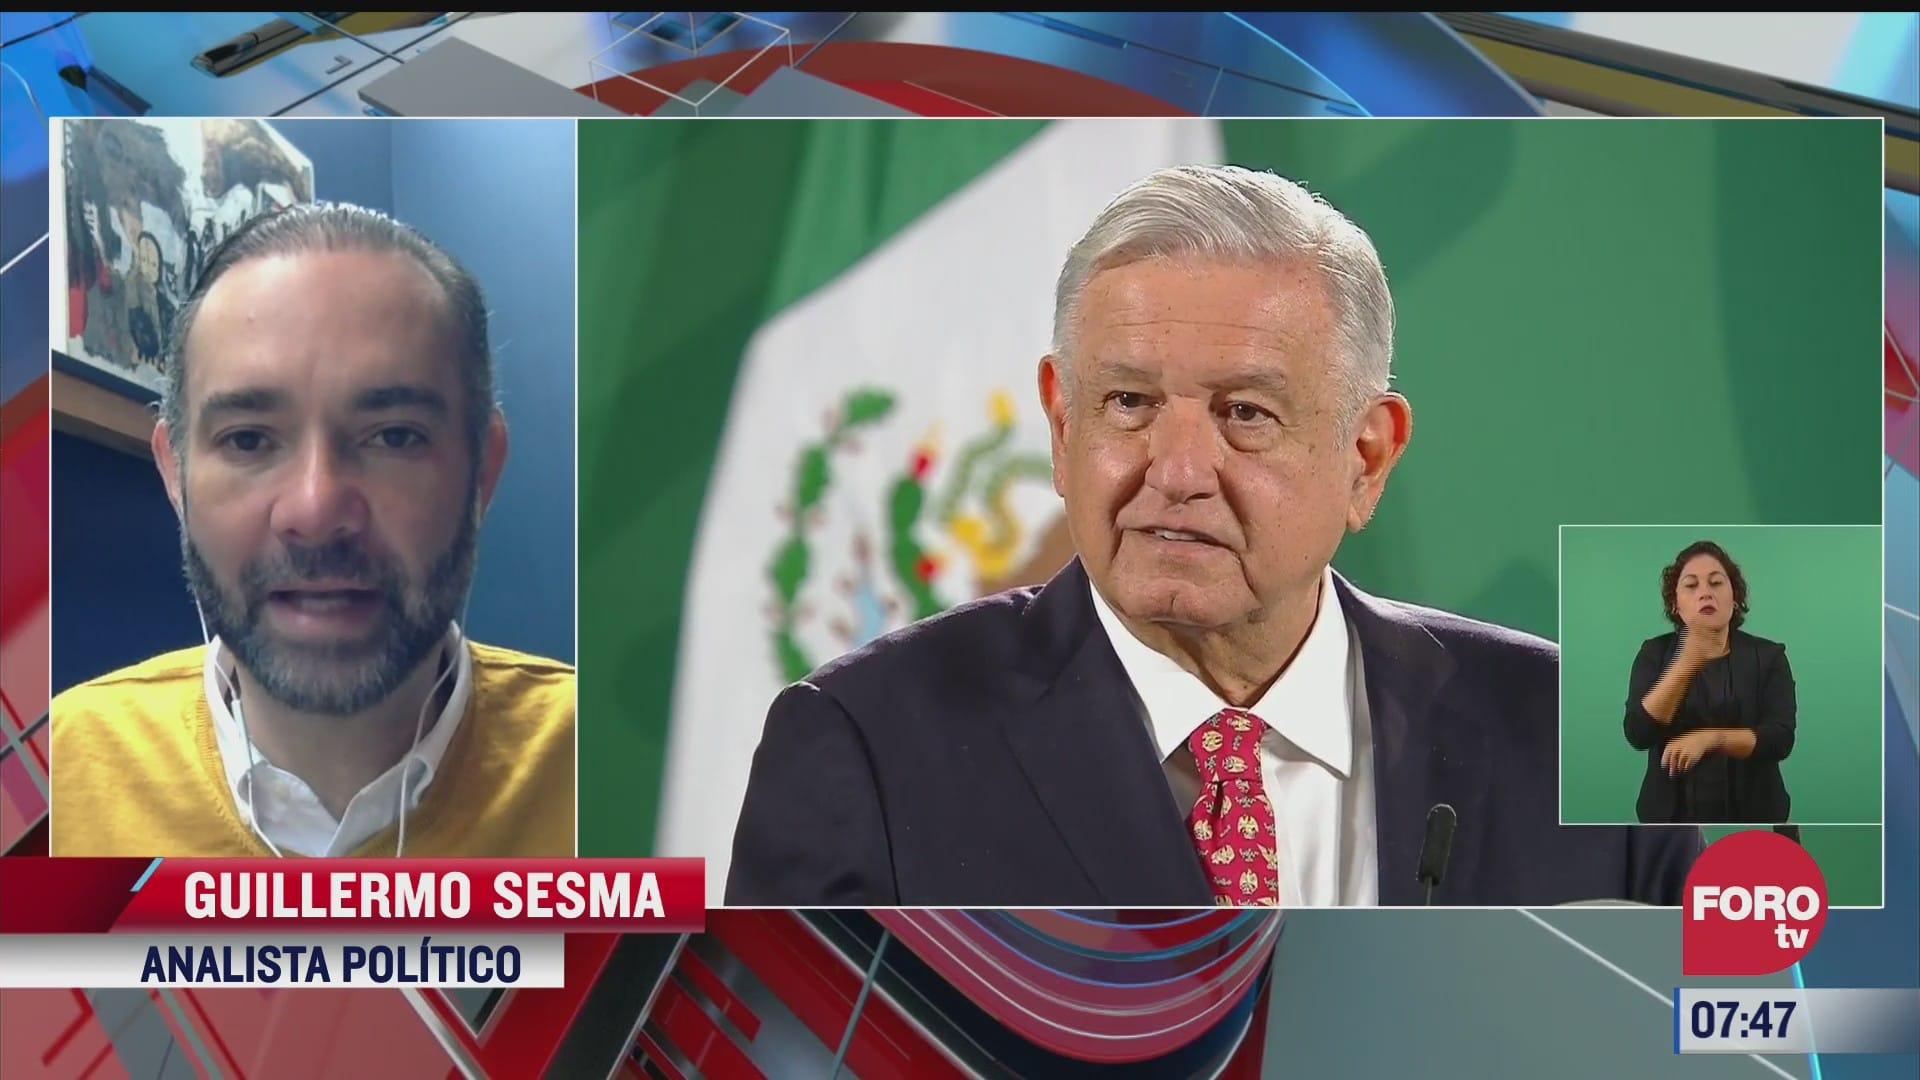 posibles candidatos a la presidencia de mexico para 2024 el analisis en estrictamente personal